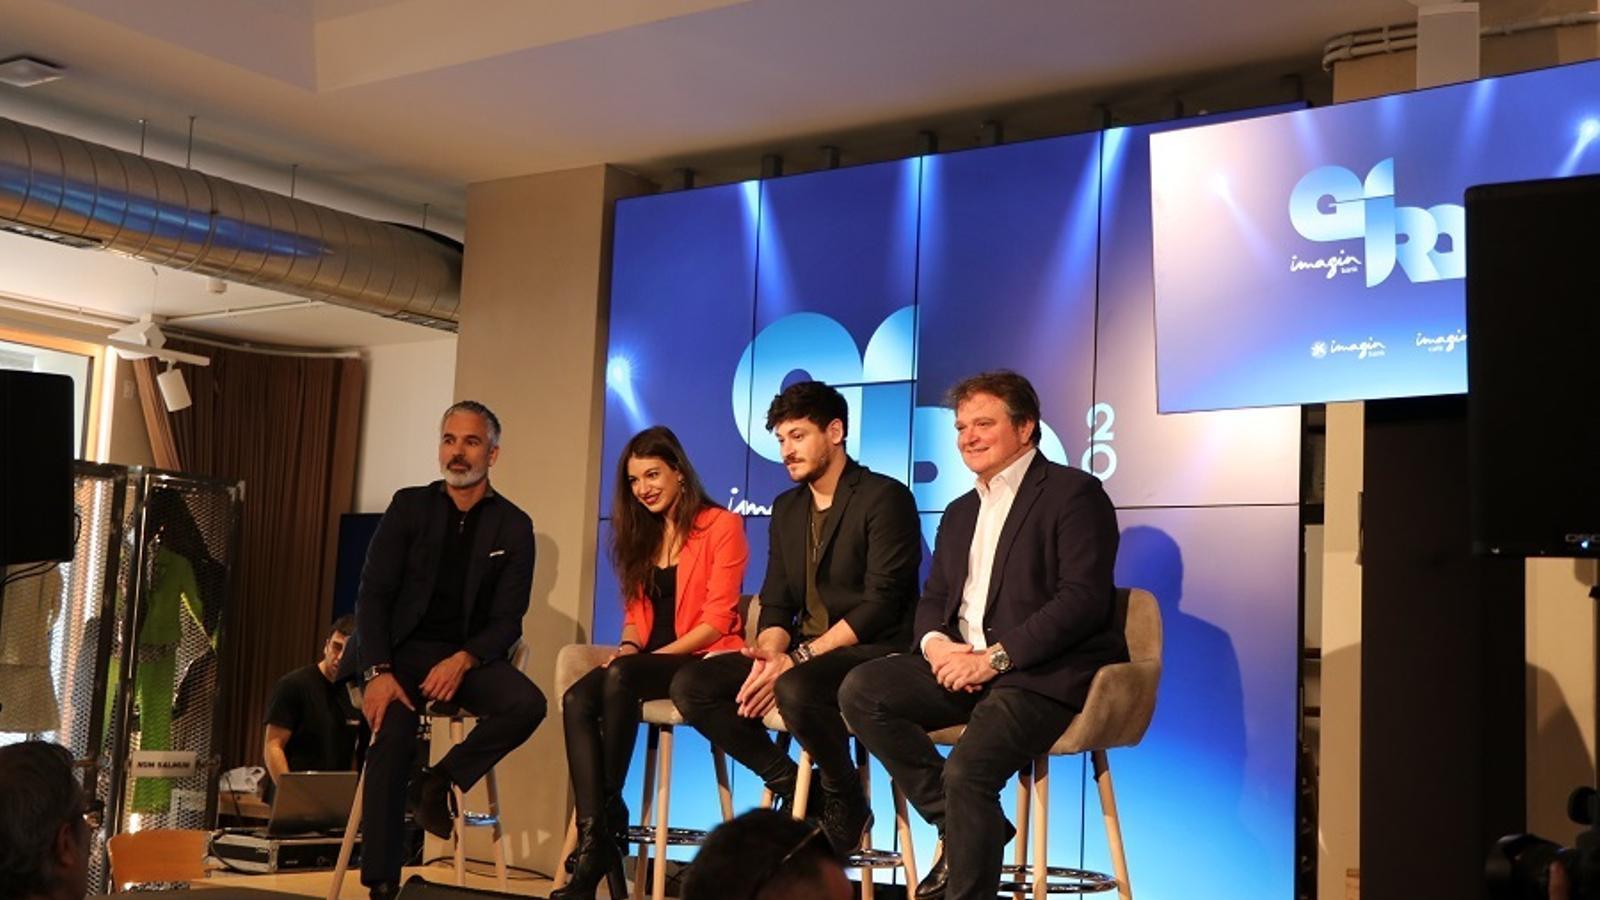 Ana Guerra, Cepeda i el director de màrqueting de CaixaBank, Xavier Mas, a l'ImaginCafè de Barcelona